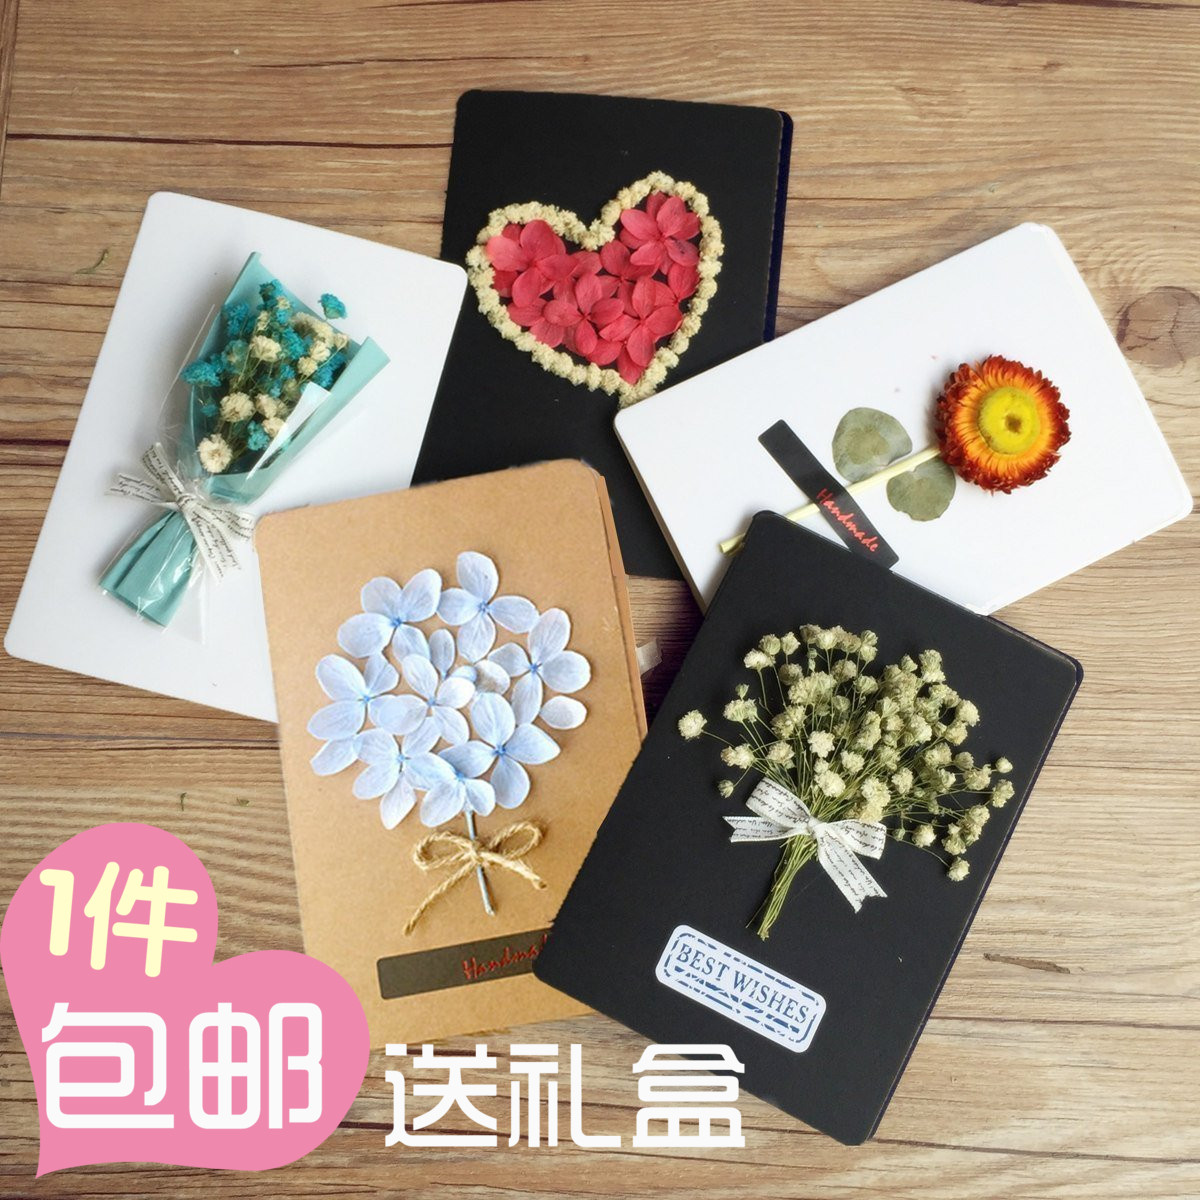 Ручной работы день святого валентина поздравительные открытки вечная жизнь цветок сухие цветы день рождения карта корея творческий посыльный женщина друг полный промышленность небольшой подарок